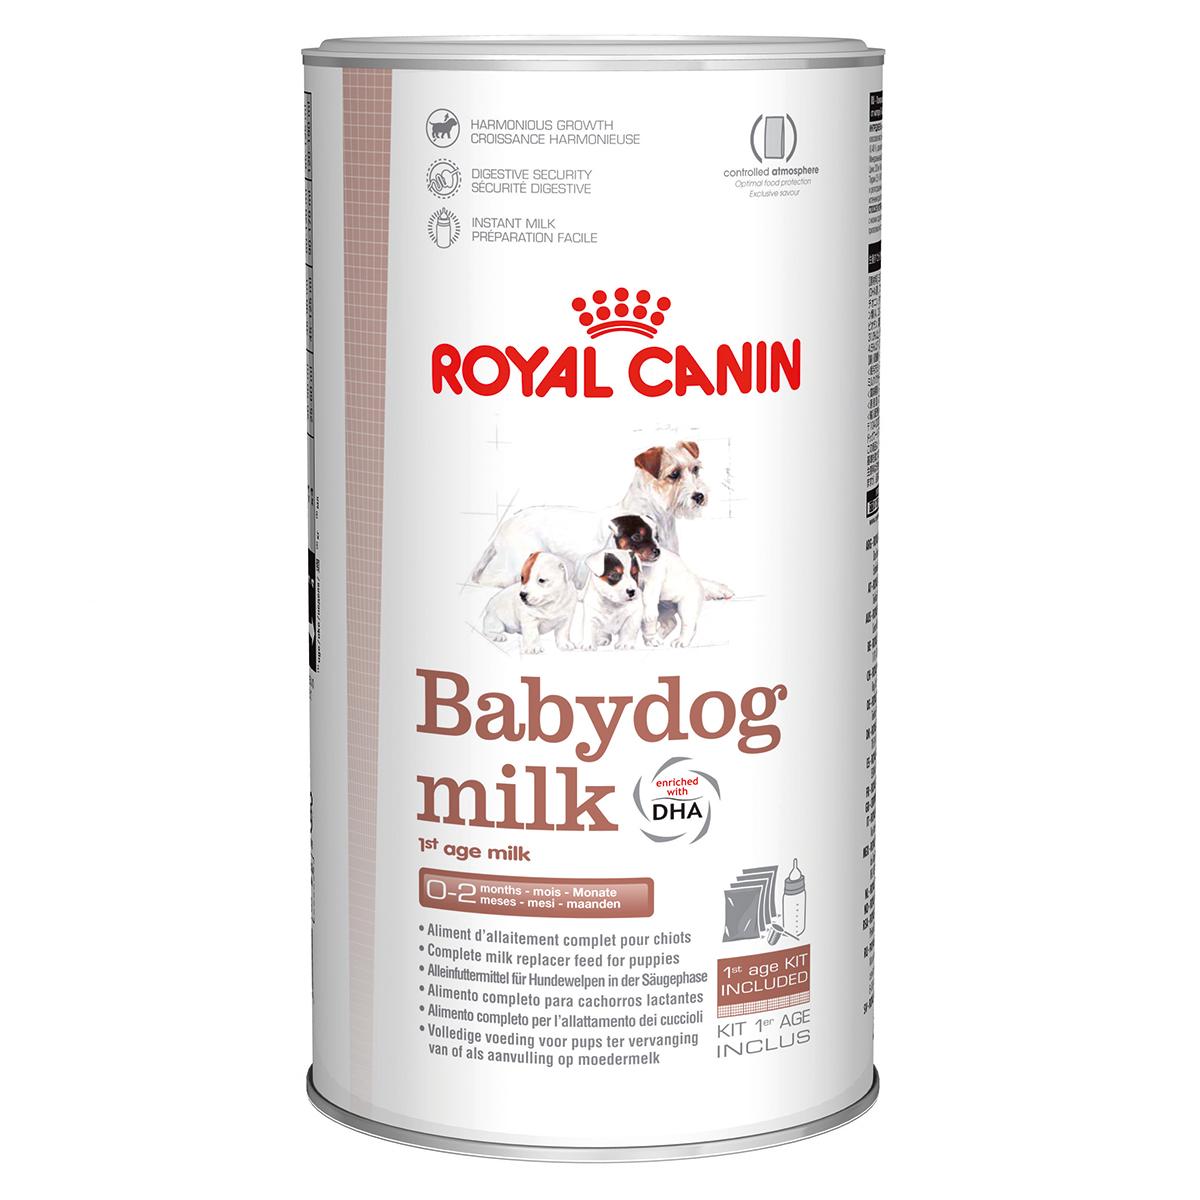 Royal Canin Babydog Milk, 400 g imagine